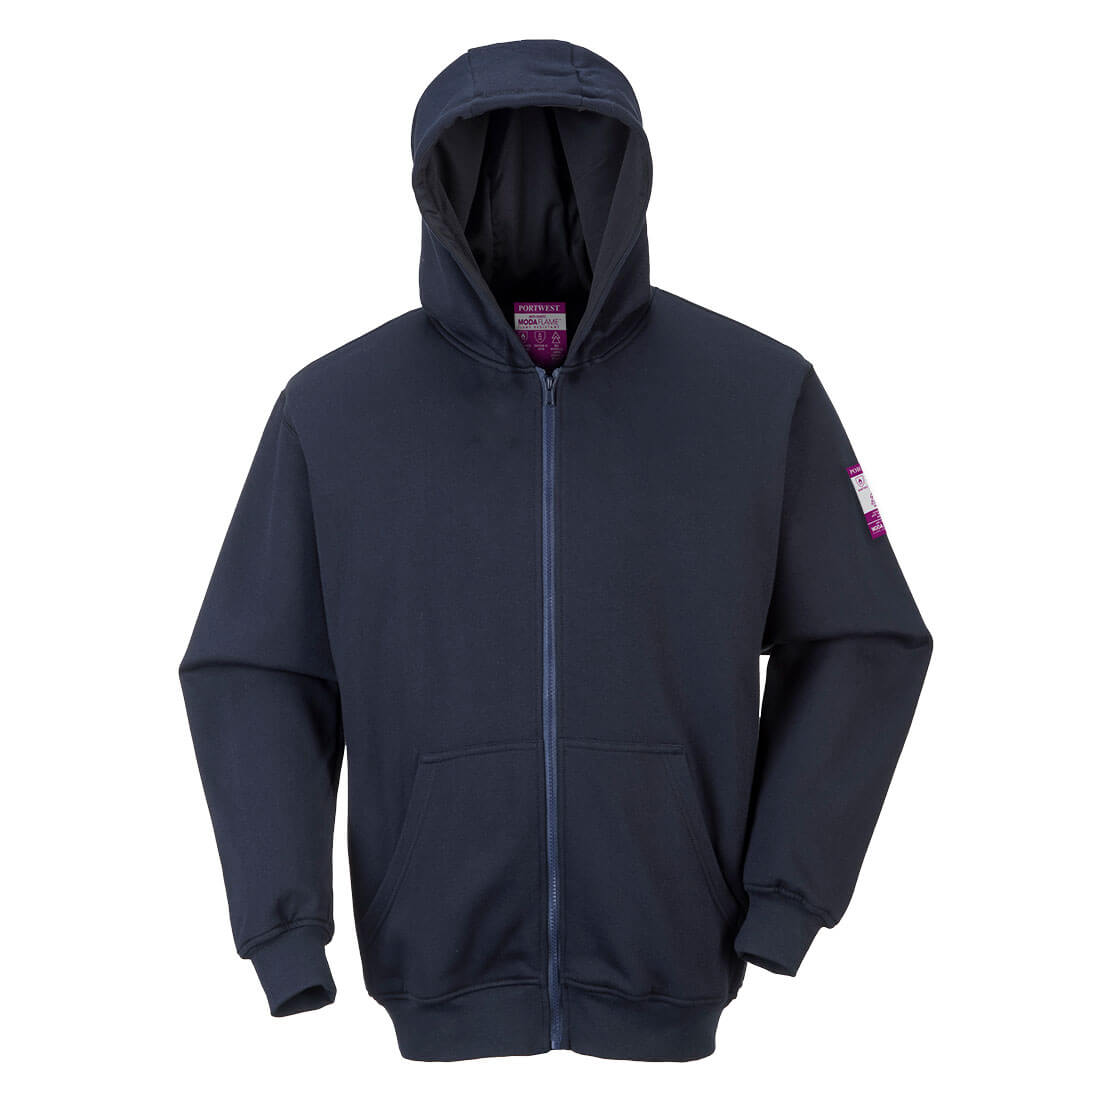 Flame Resistant, Sweatshirts & Hoodies